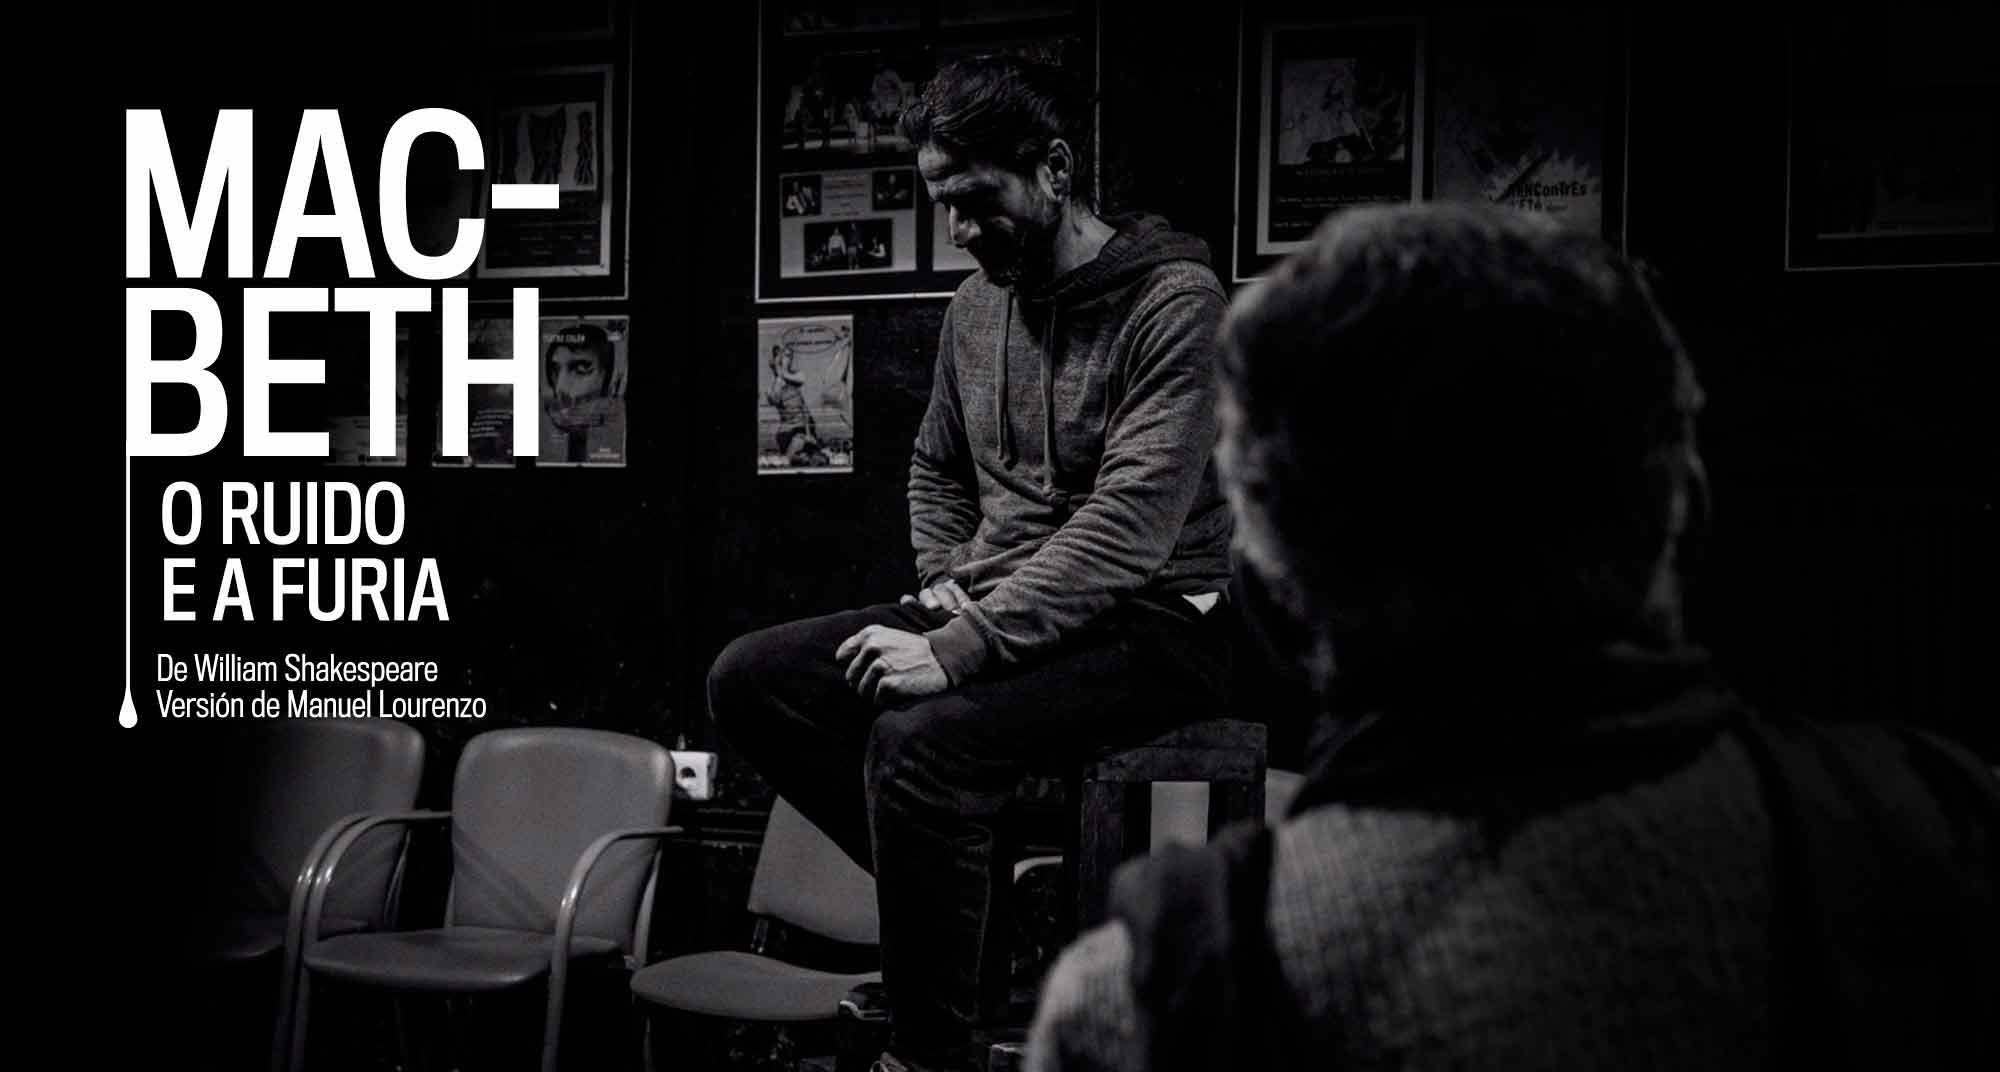 Carátula de obra de teatro Macbeth en gallego